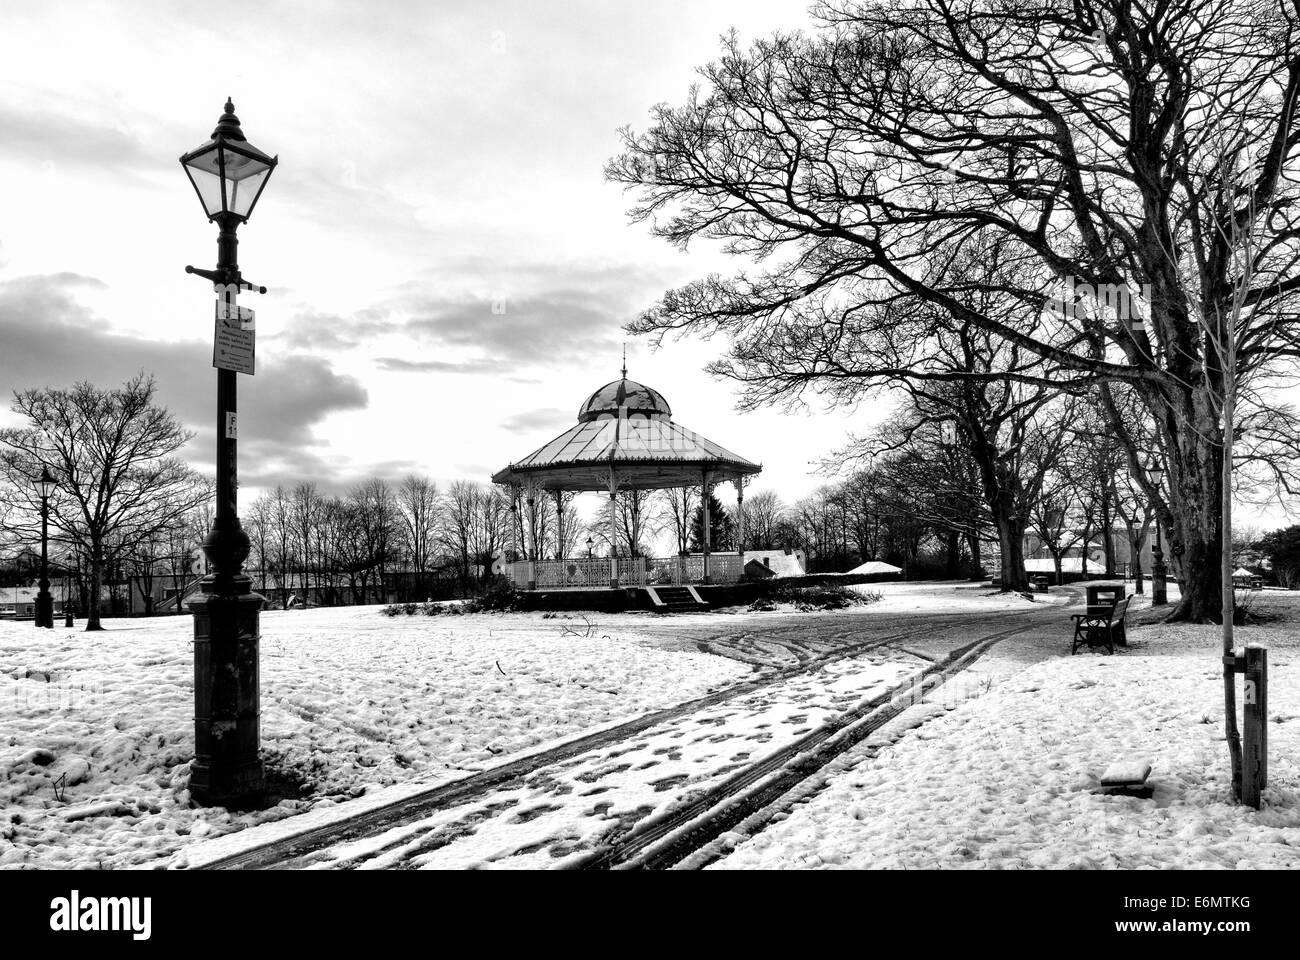 Winter snow in Peel Park Kirkintilloch - Stock Image